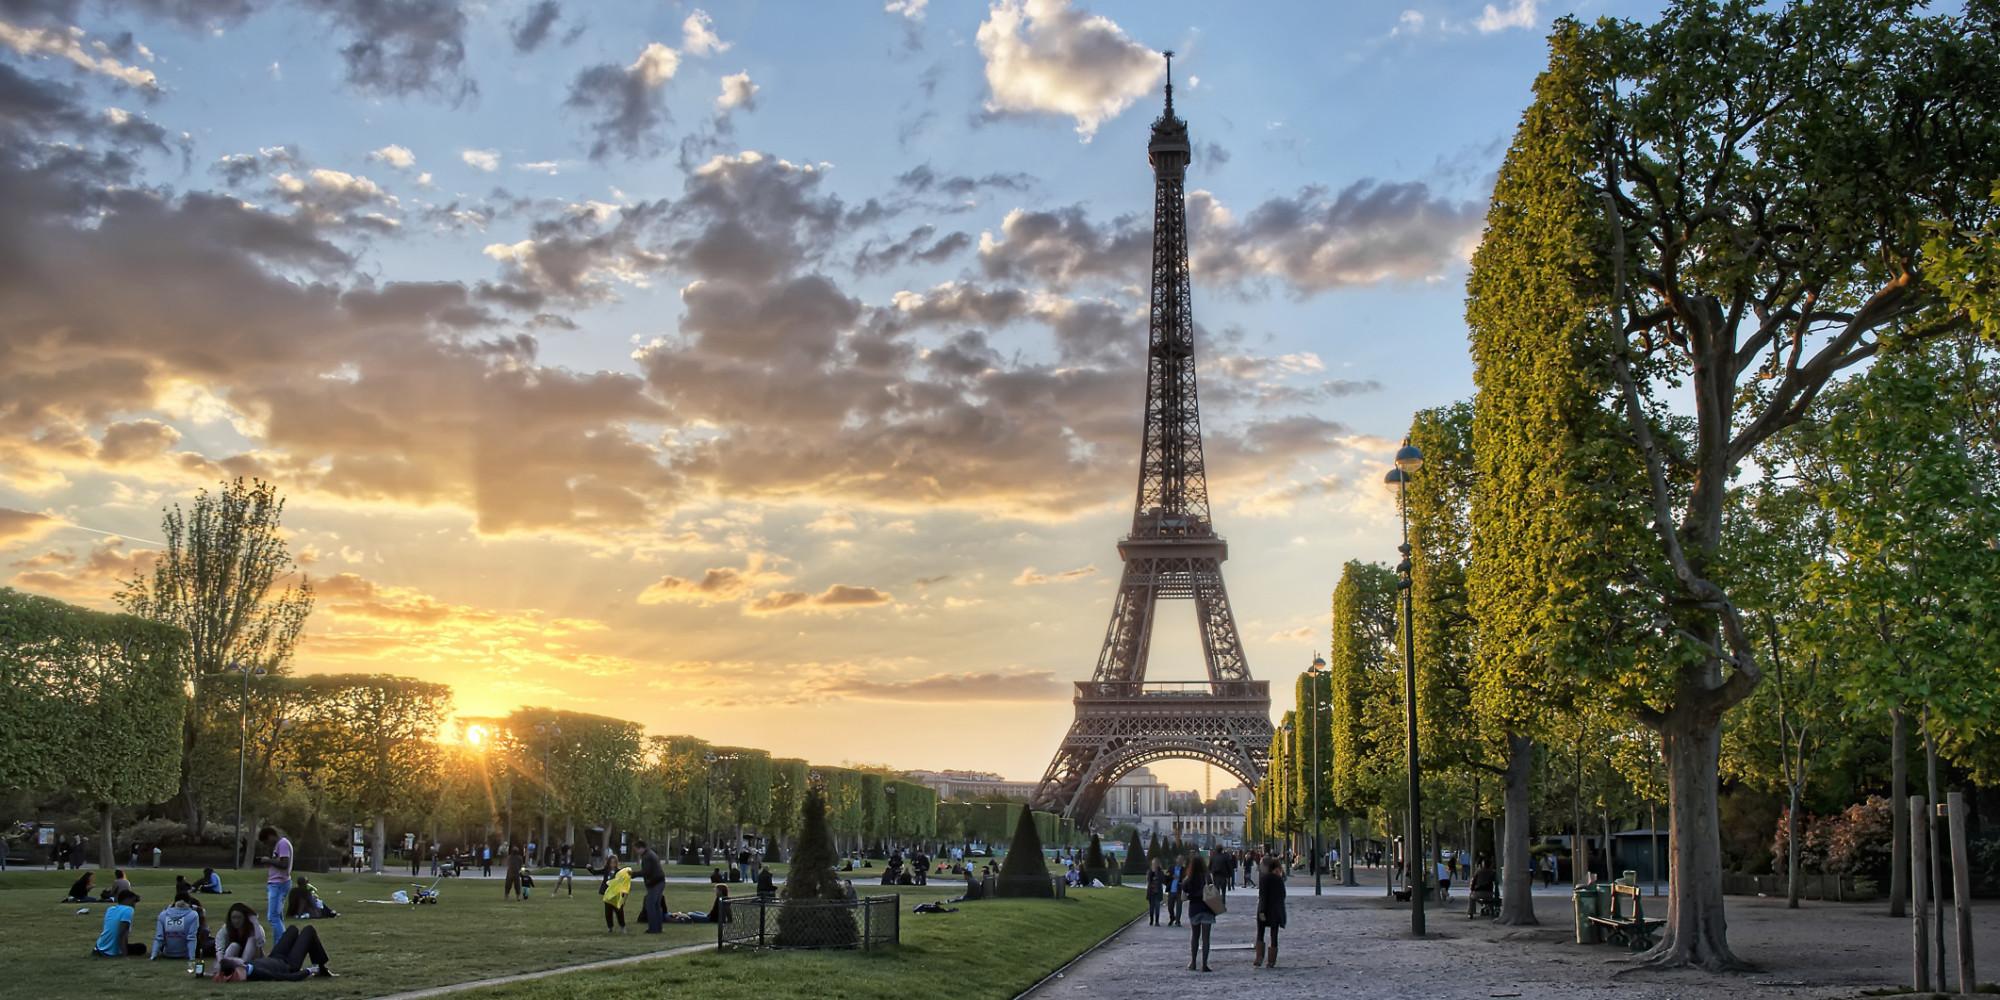 Foto 1 Kenapa Perancis Paling Banyak Dikunjungi Wisatawan Dunia